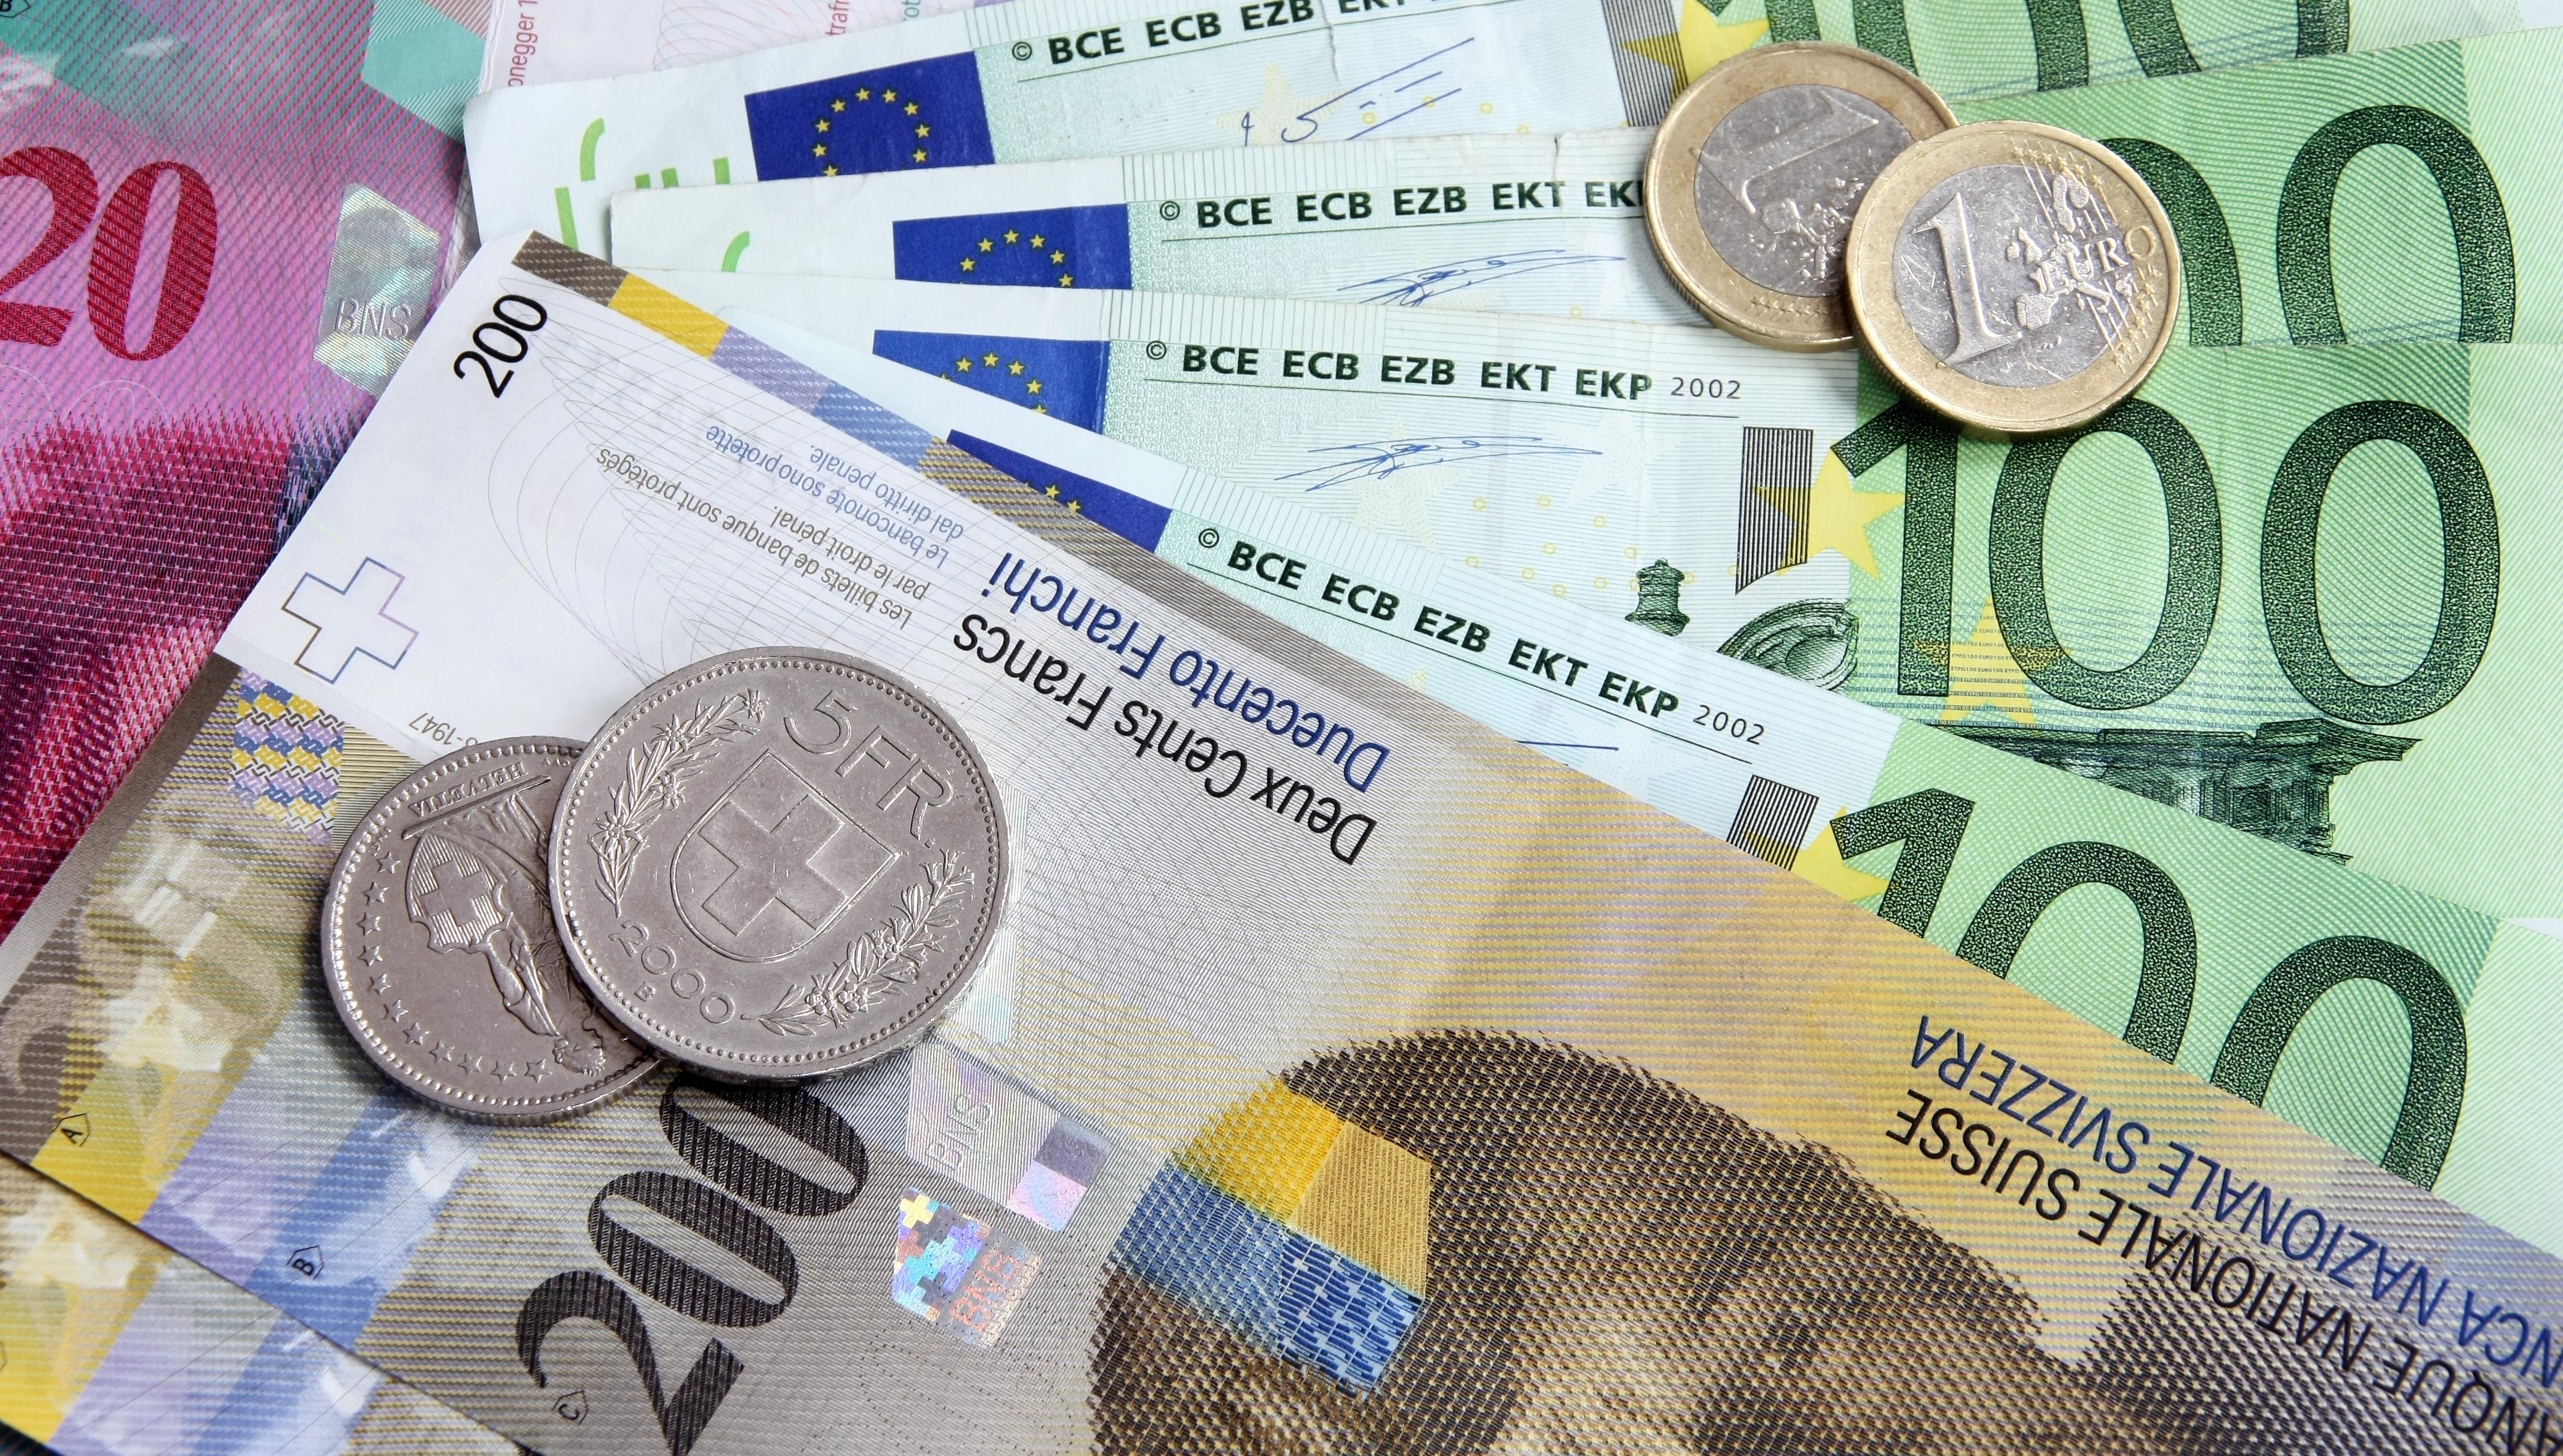 Nationalbank unter Interventionsdruck